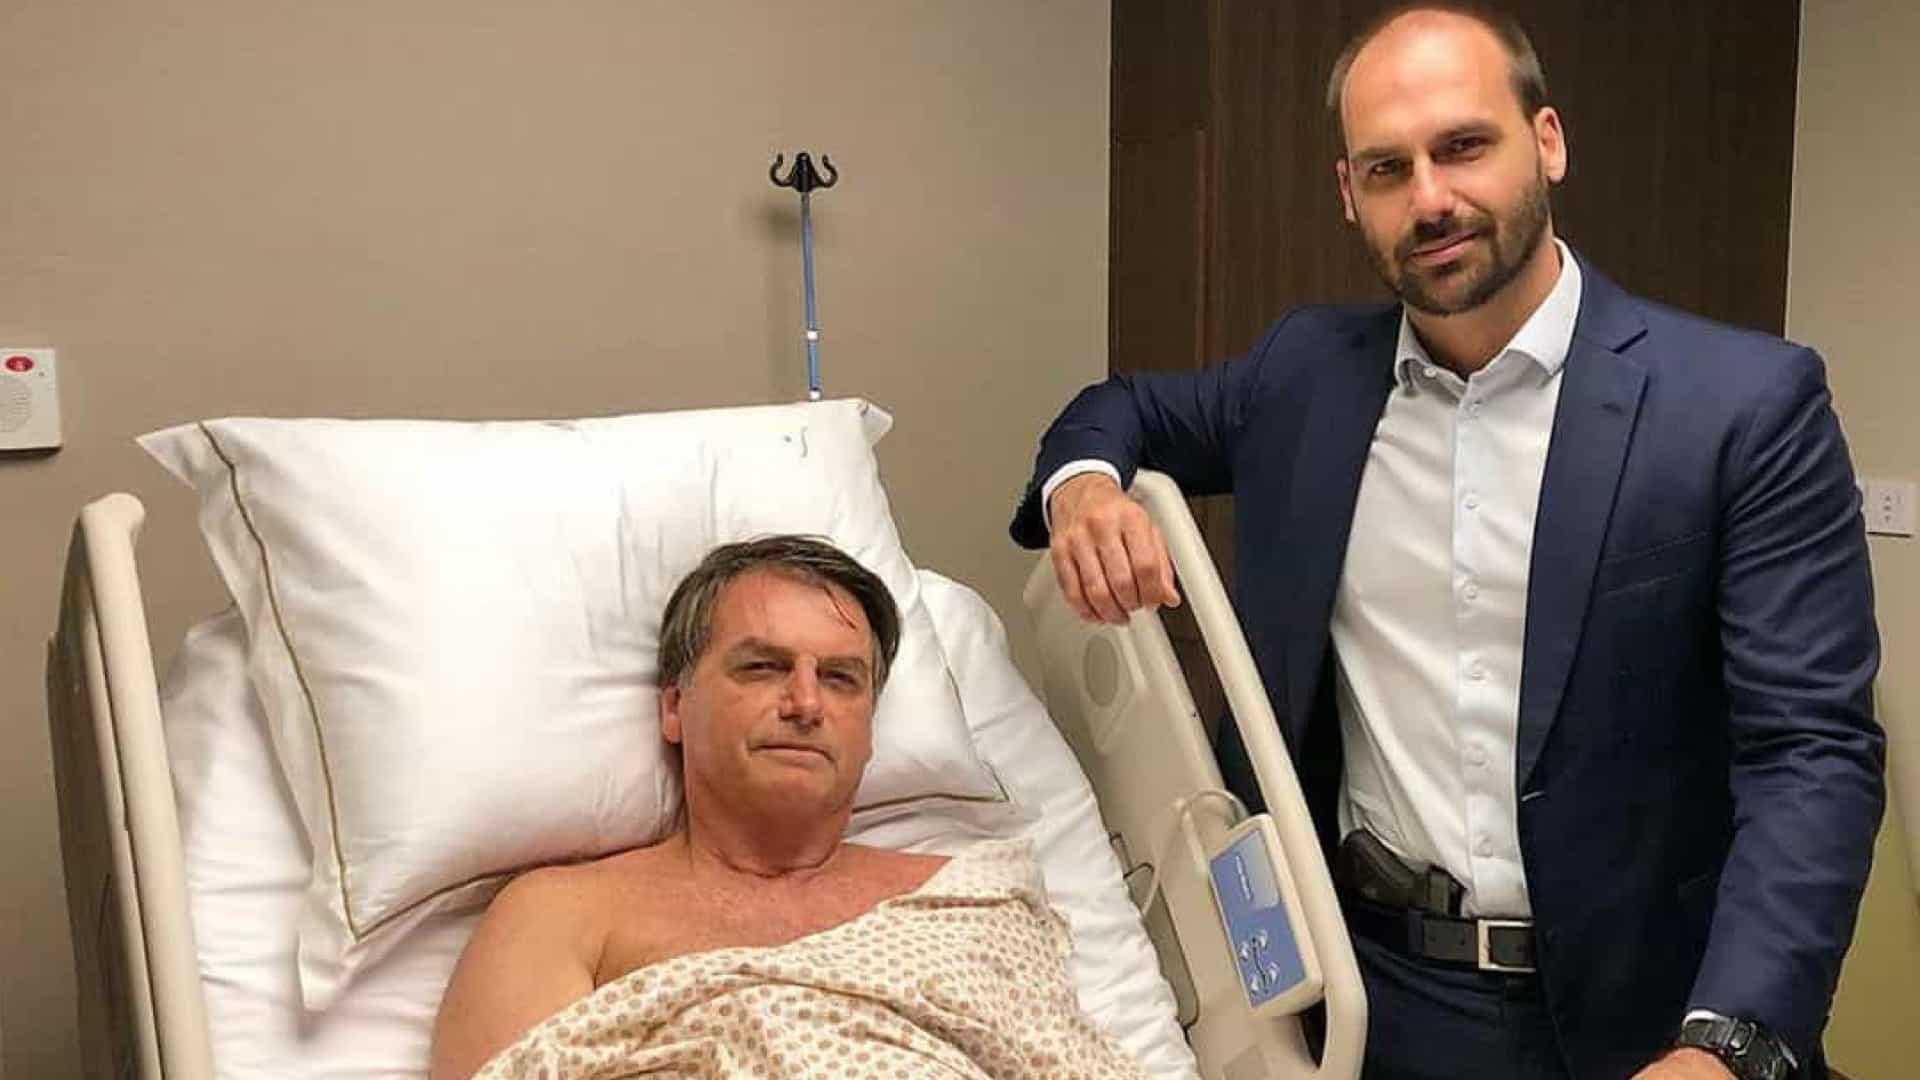 - bolsonaro e filho - Brasil: Deputado Eduardo Bolsonaro visita pai no hospital… com arma na cintura